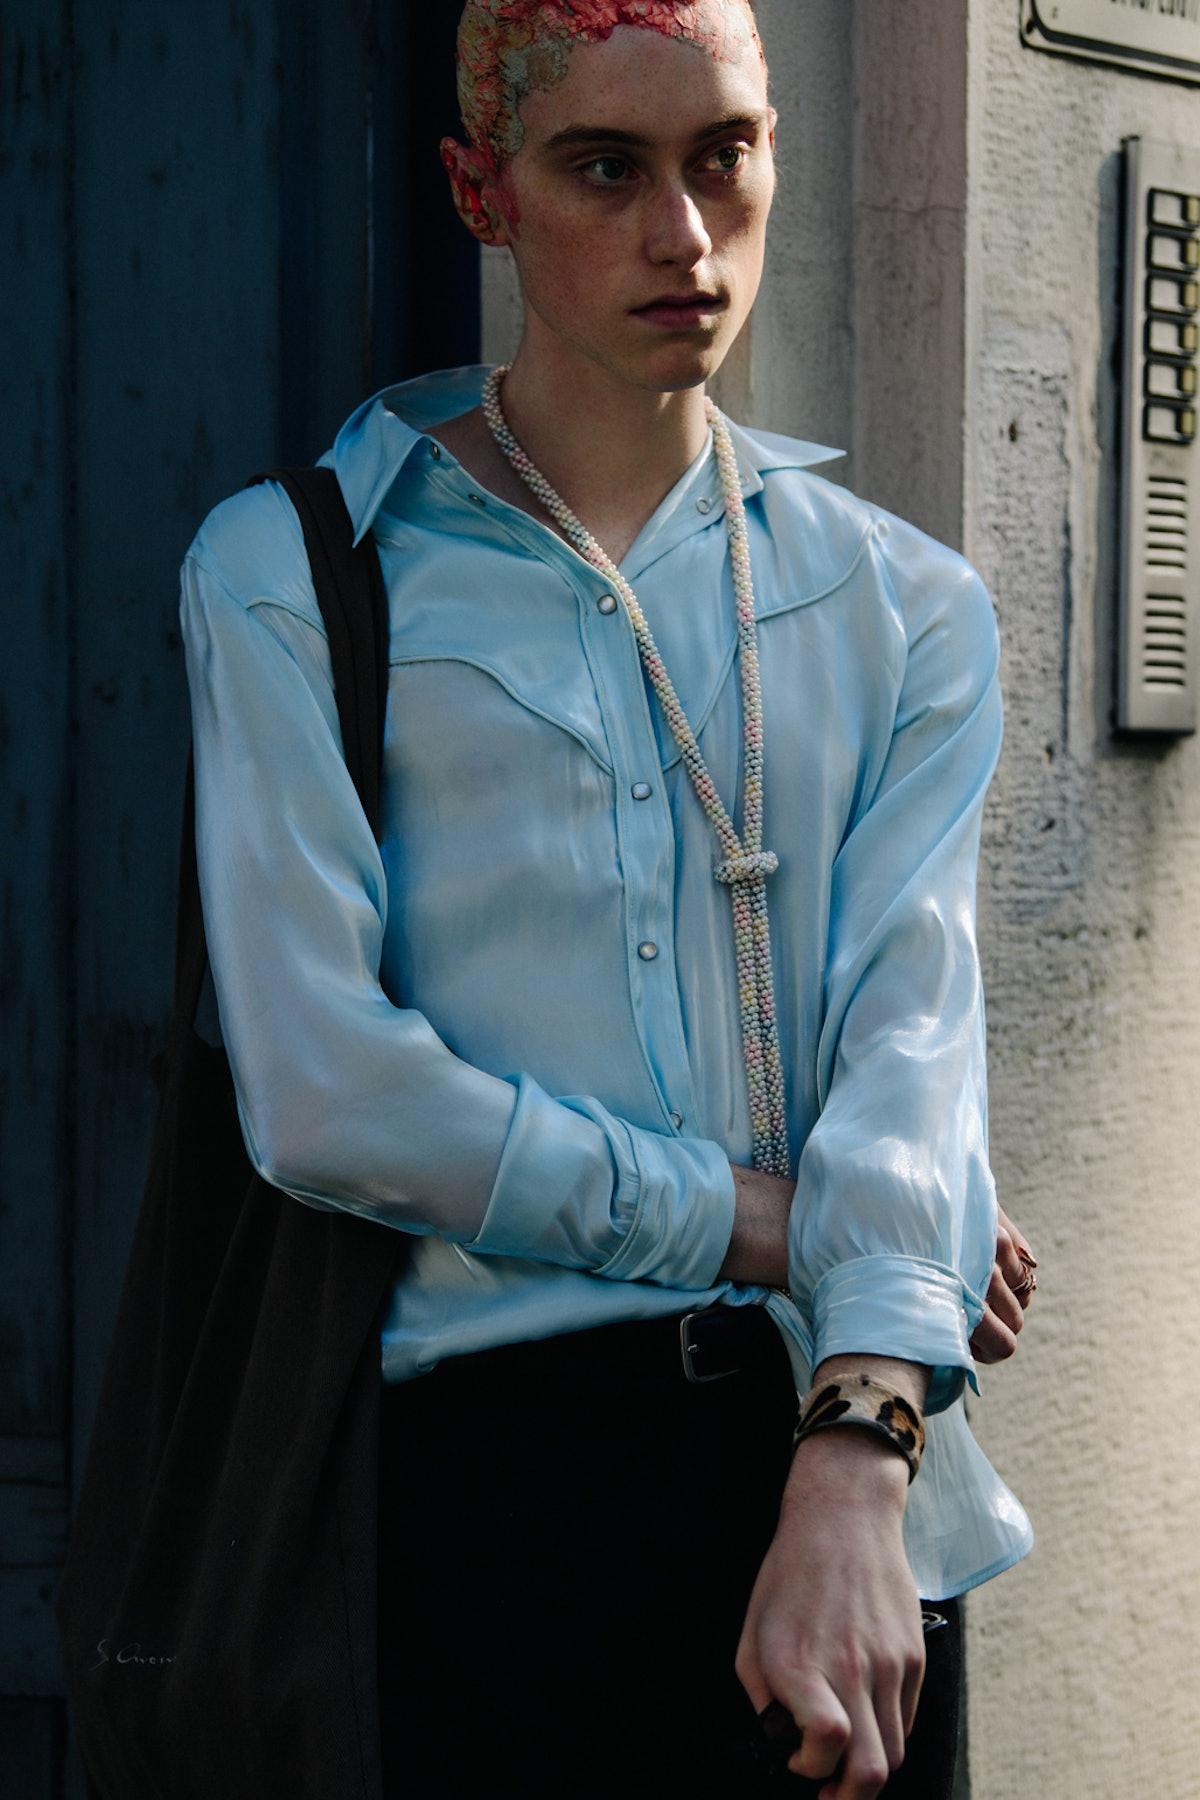 Adam-Katz-Sinding-W-Magazine-Milan-Fashion-Week-Spring-Summer-2020_AKS2496.jpg